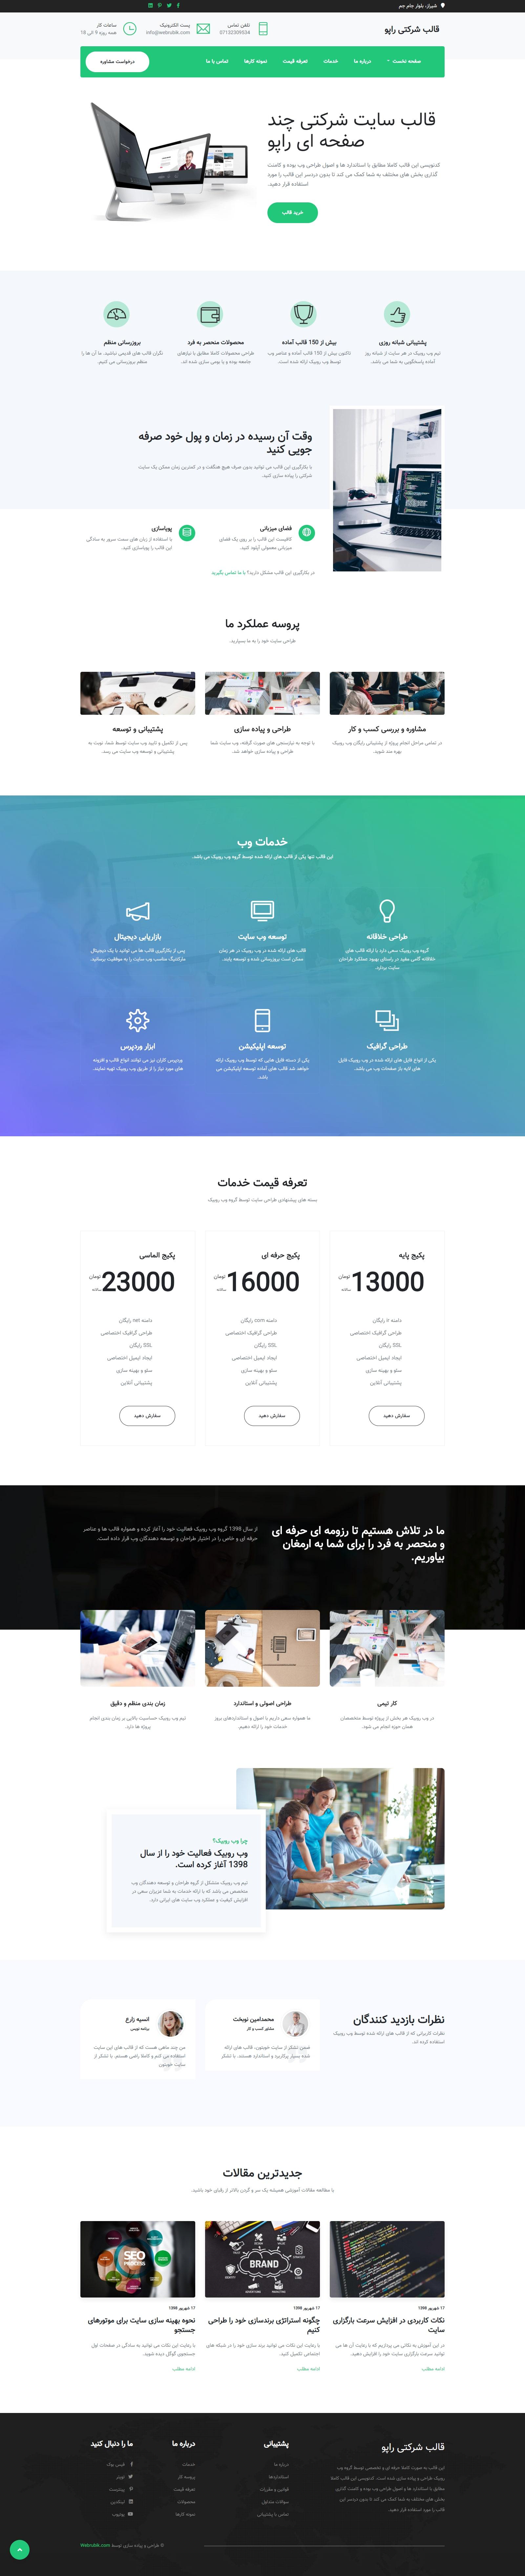 قالب HTML شرکتی Rapoo پوسته حرفه ای بوت استرپ